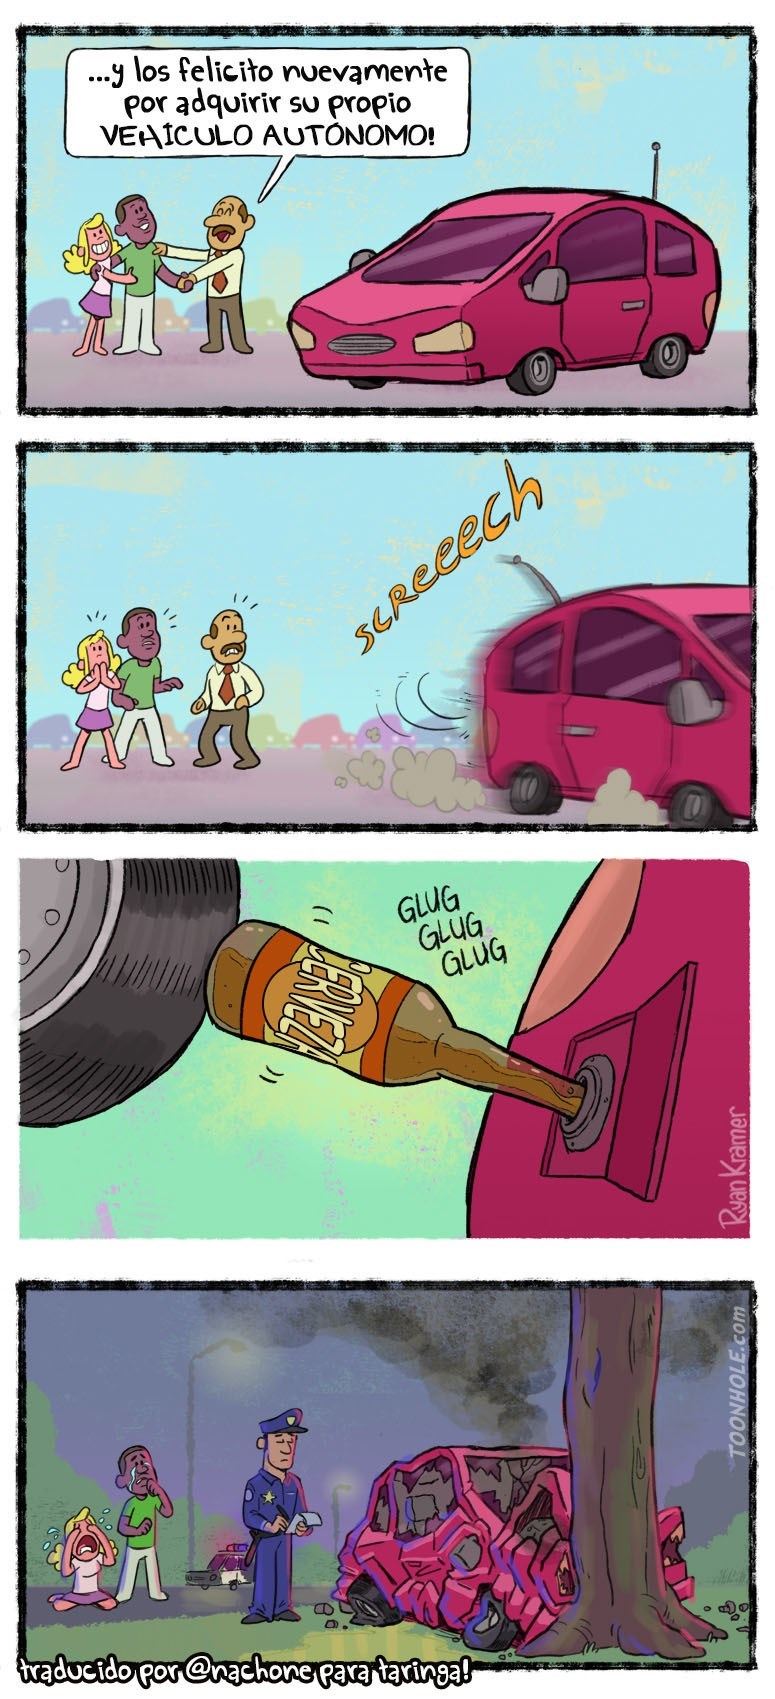 cuando a un vehiculo autonomo le da por beber